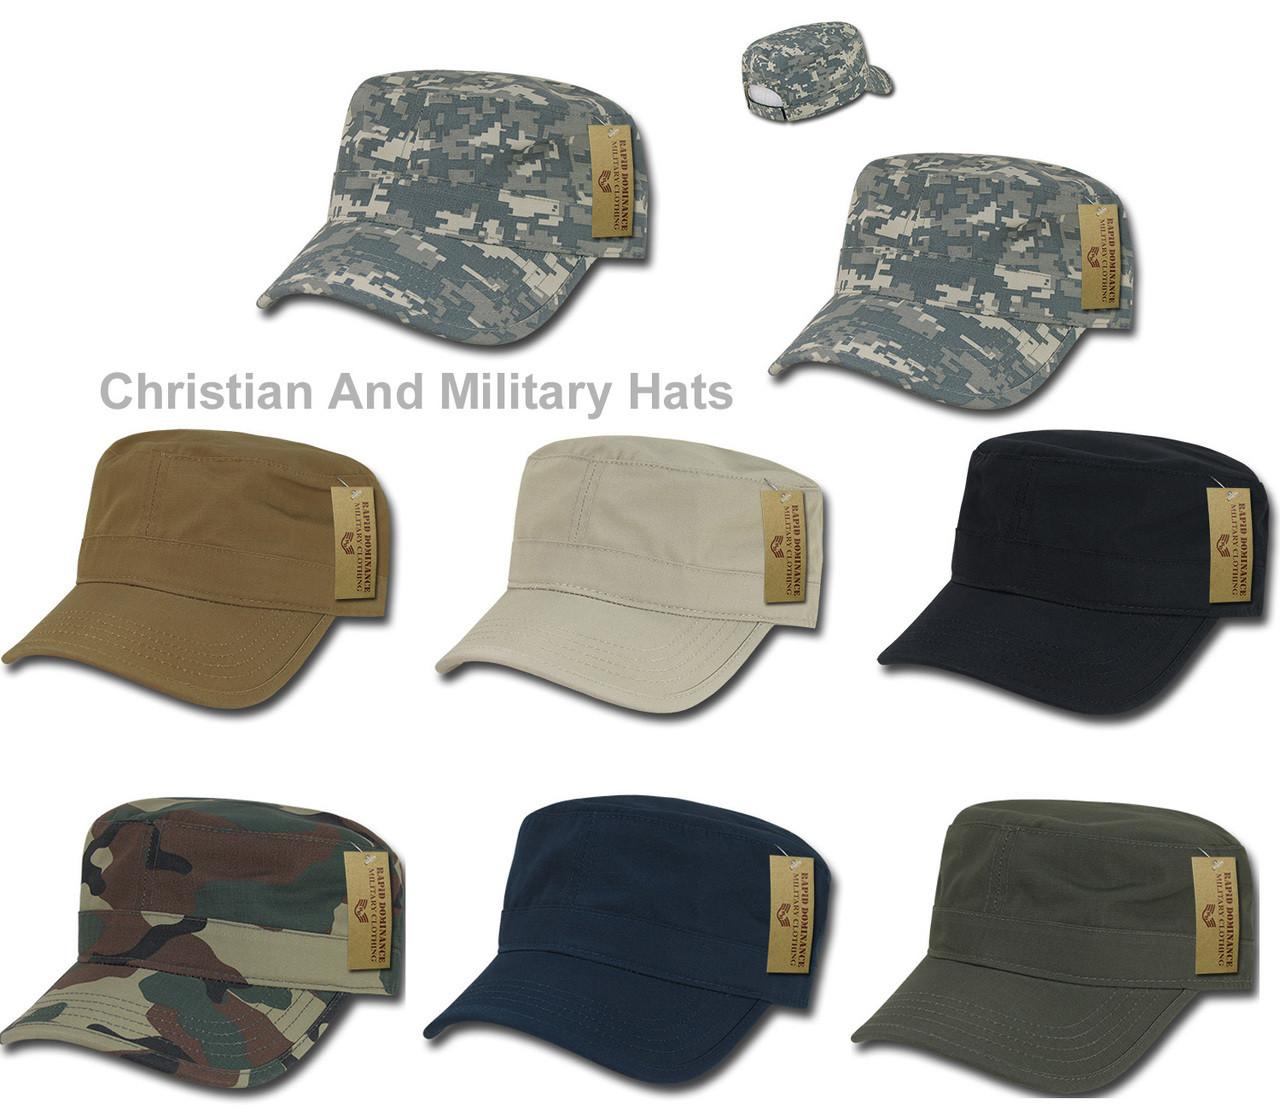 RipStop BDU Patrol Fatigue Military Spec Tactical Duty Hat Adjustable Caps  Cap 7af9321a8282